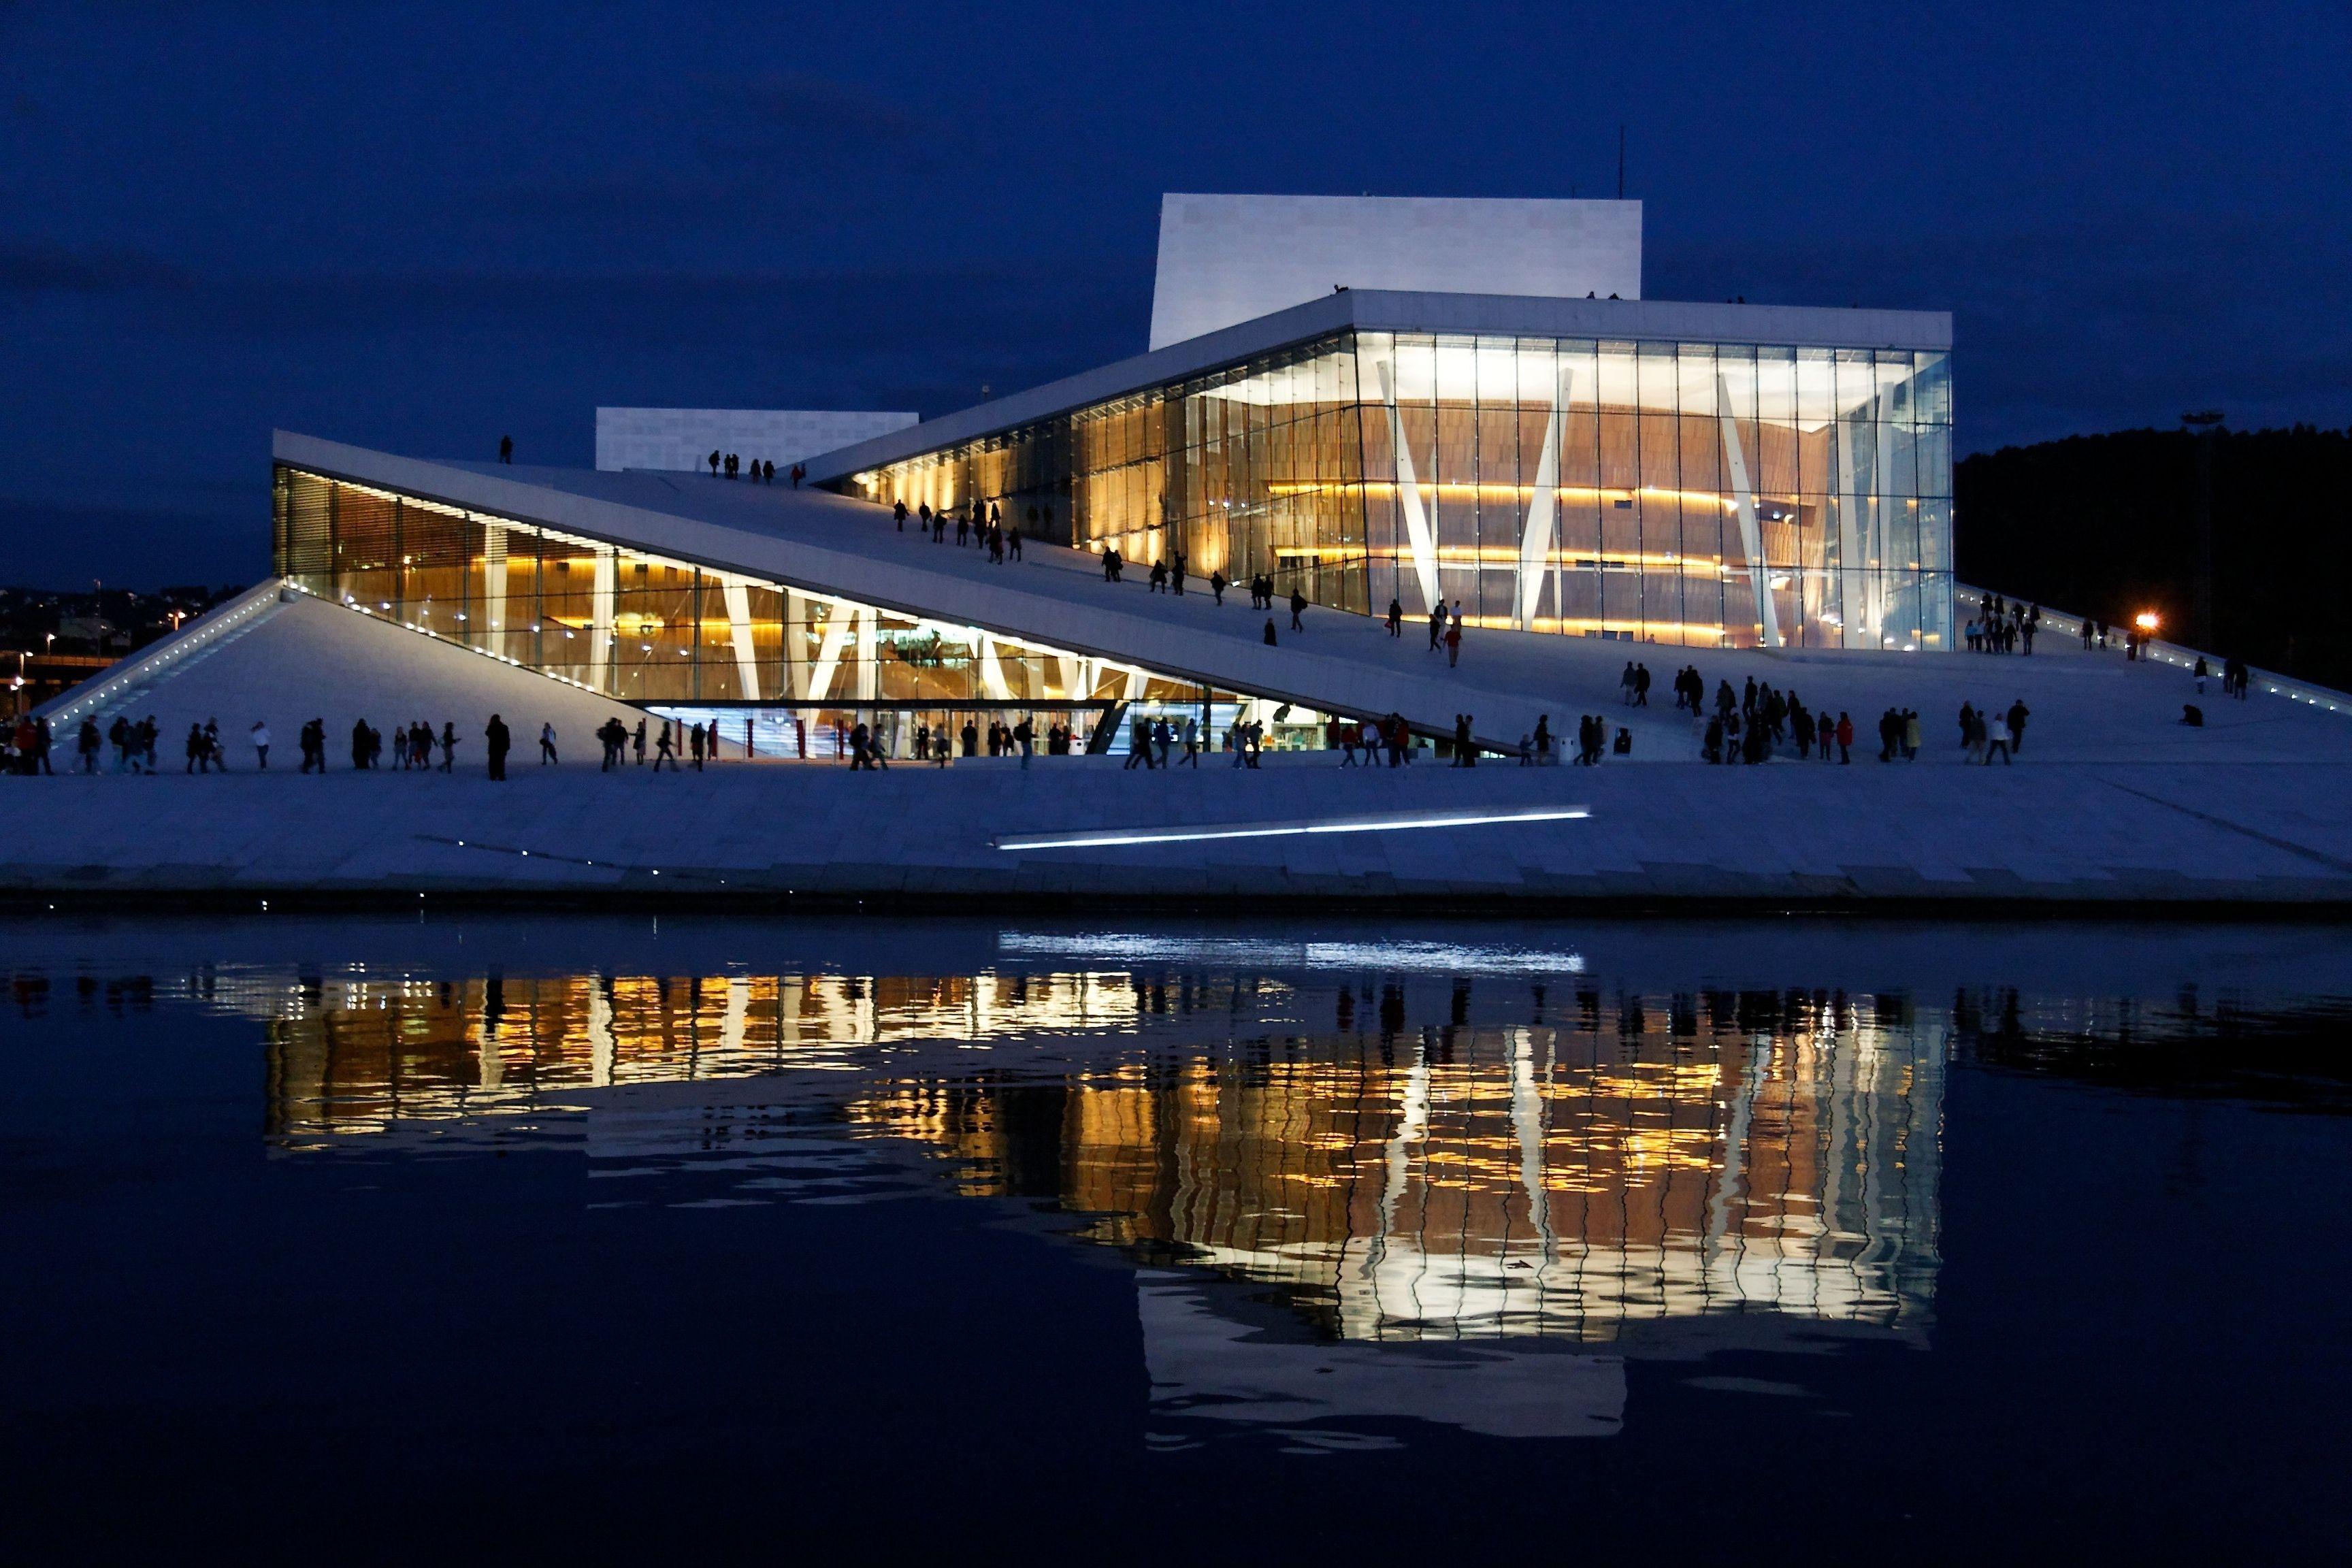 Norwegian Interior Design Snohetta S Design For The Oslo Opera House